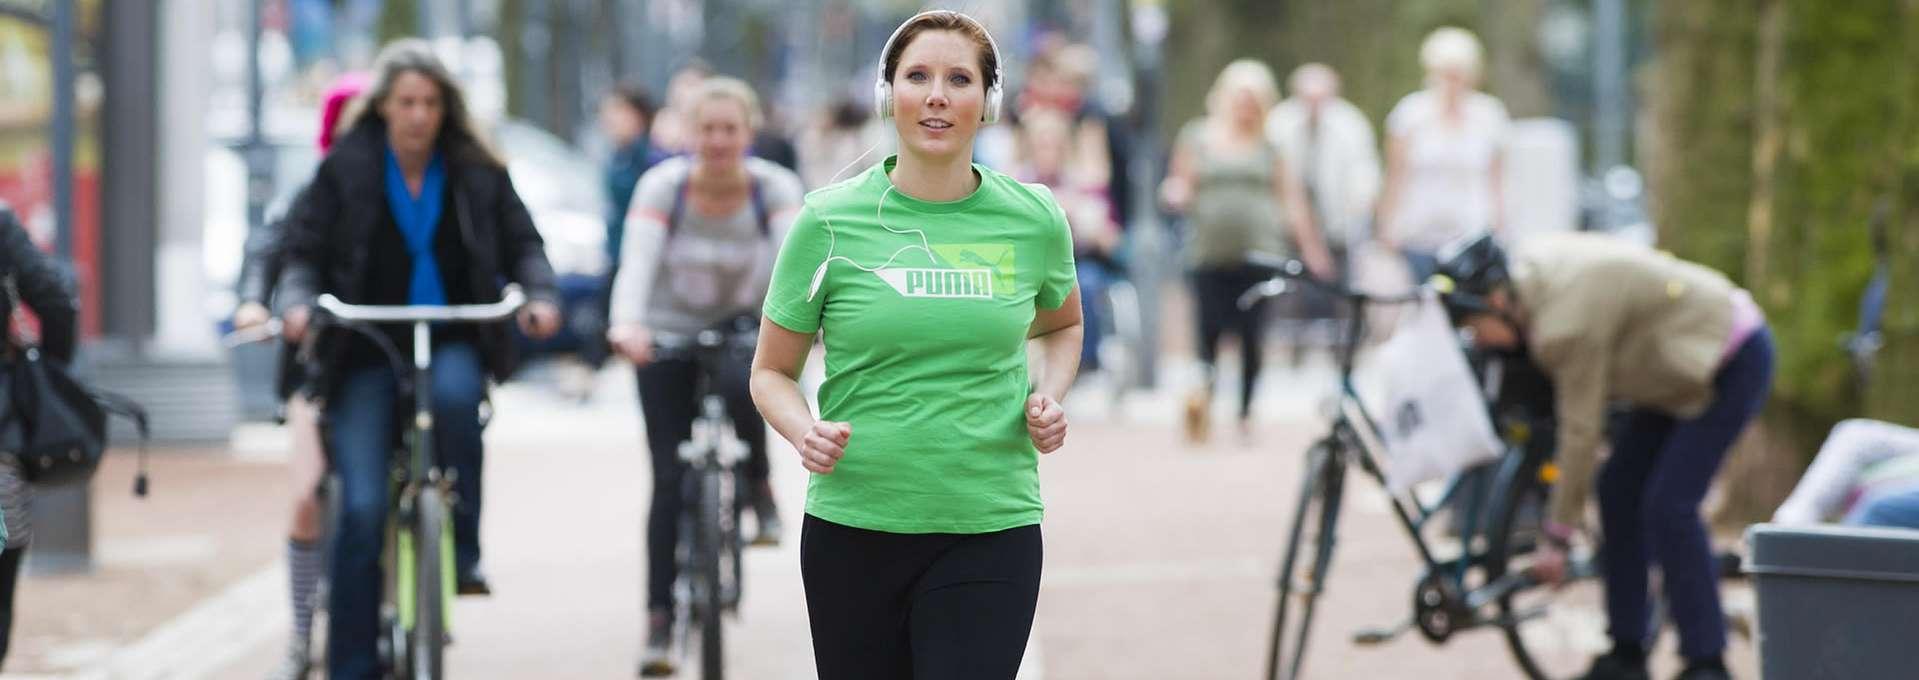 Footerbild Bewegt GESUND bleiben in NRW! Joggen in der City